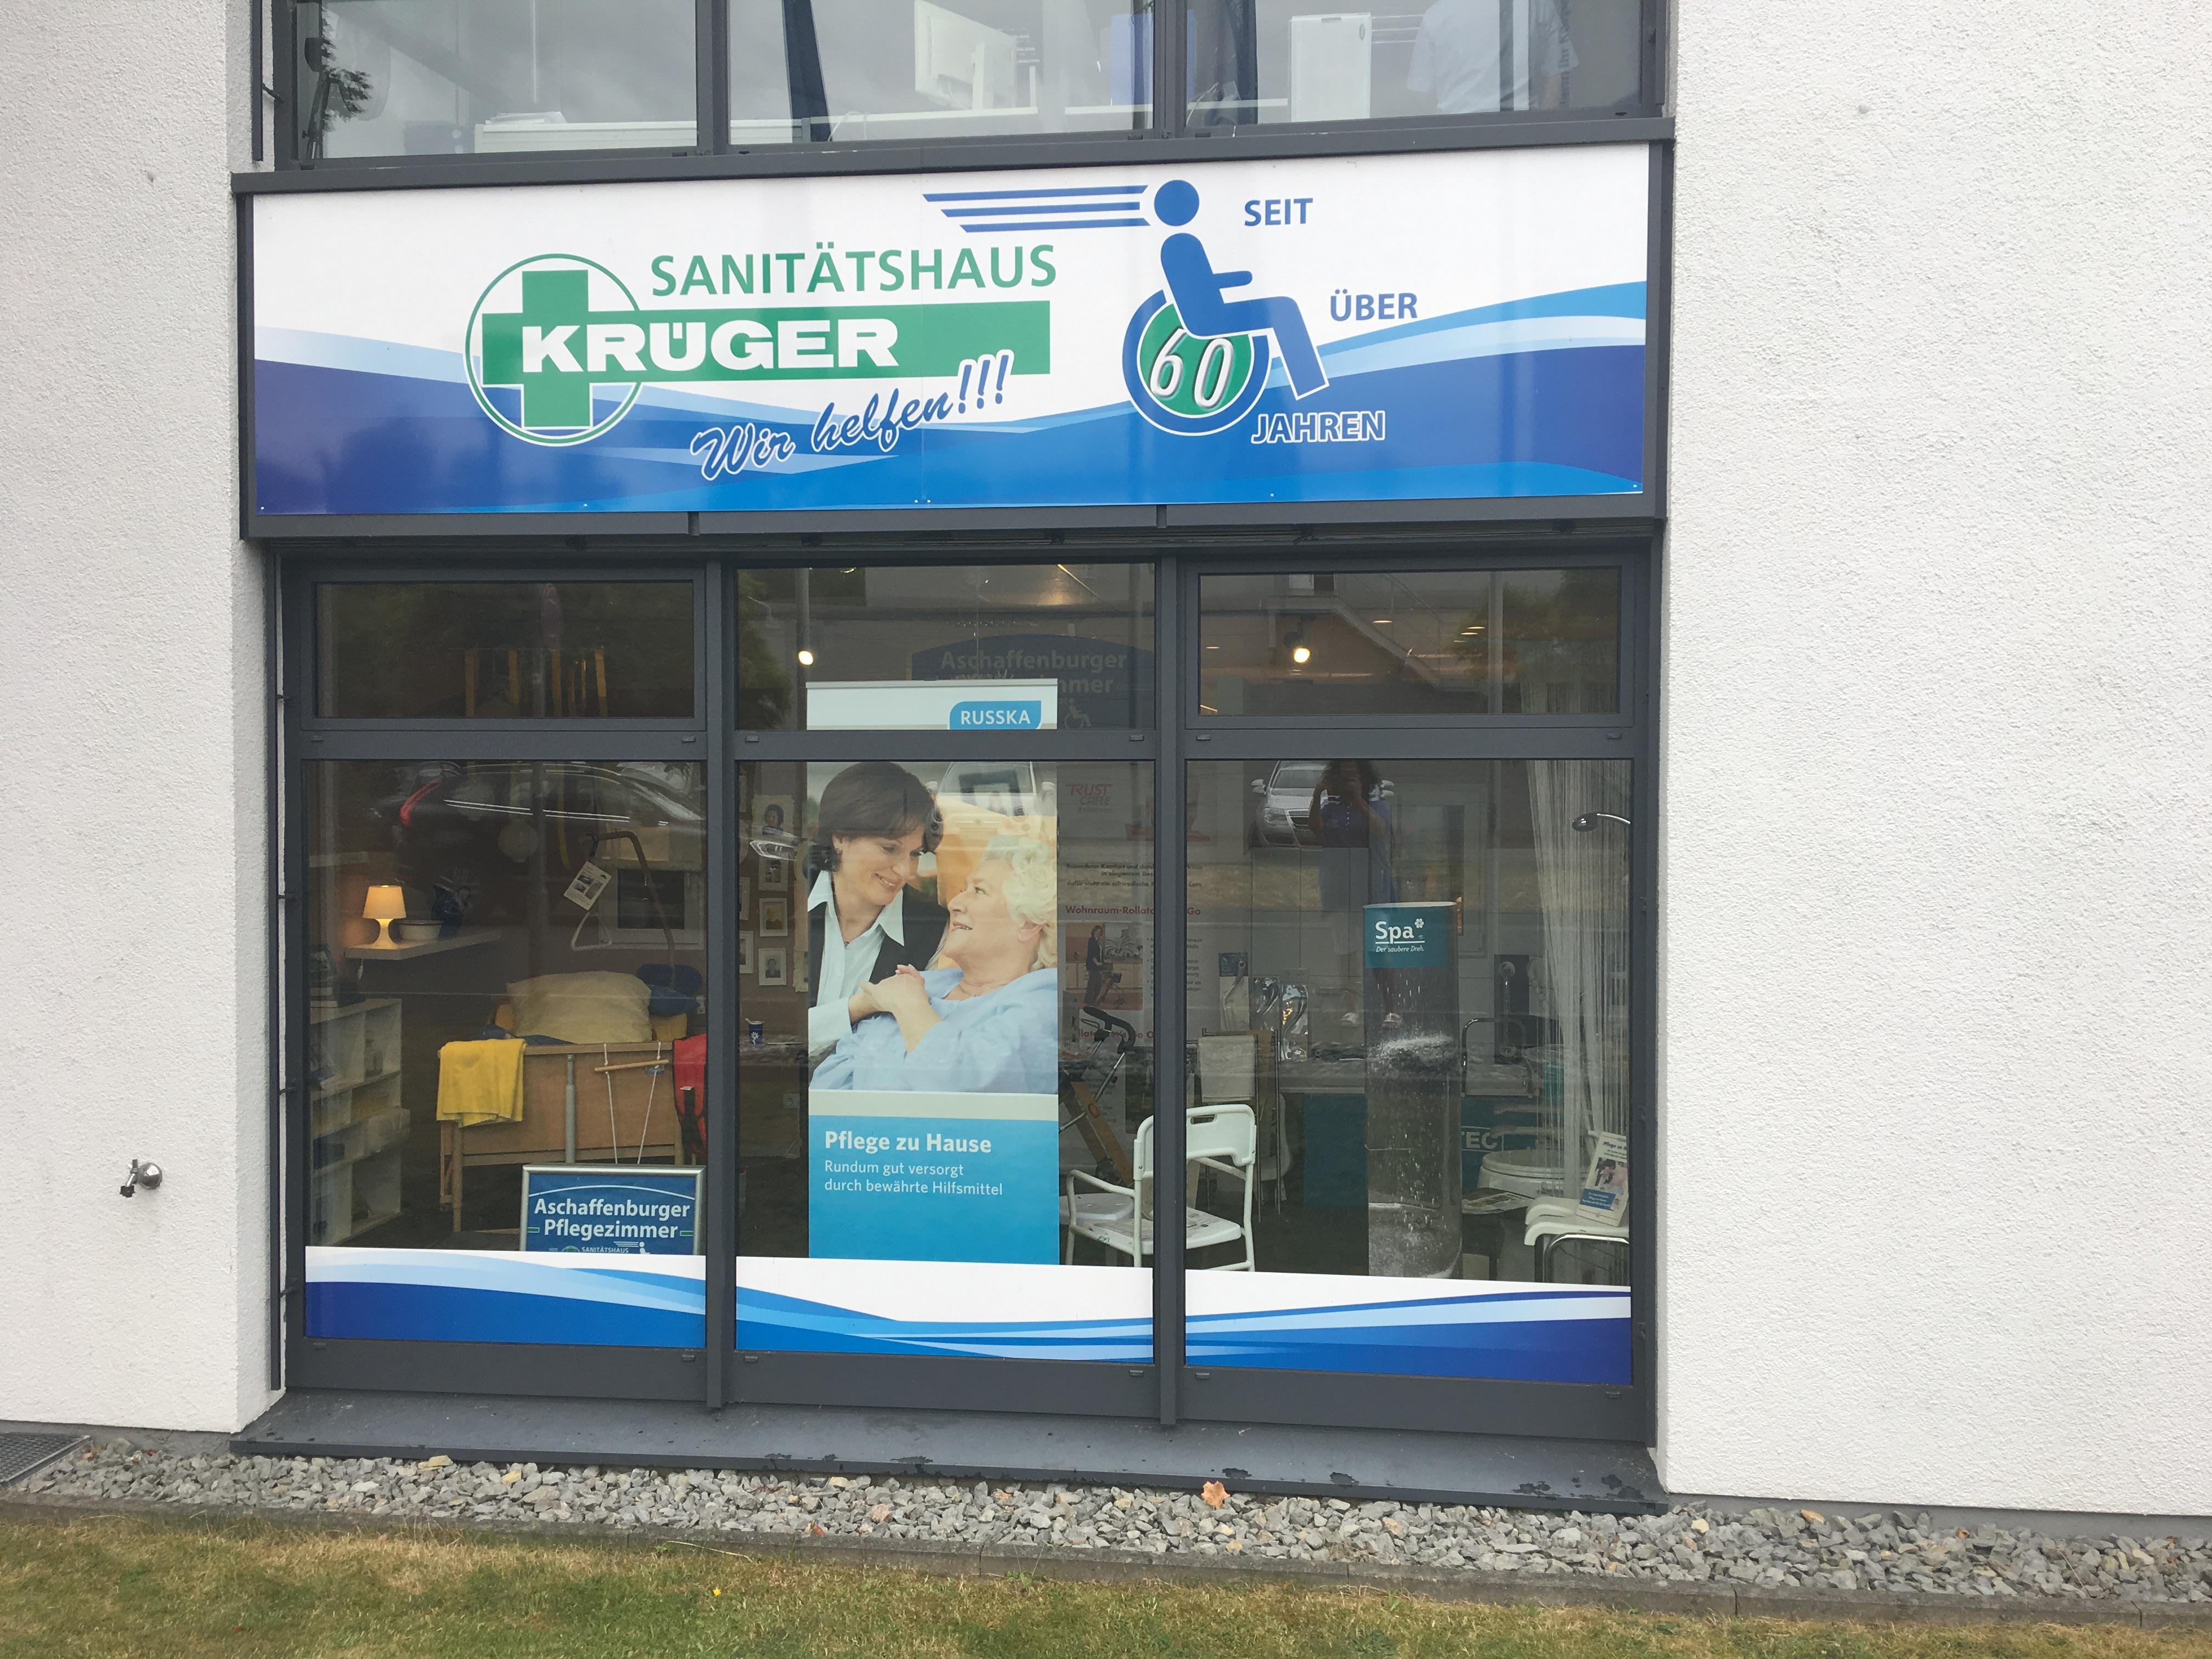 Sanitätshaus Krüger Kurt Diezel GmbH Aschaffenburg